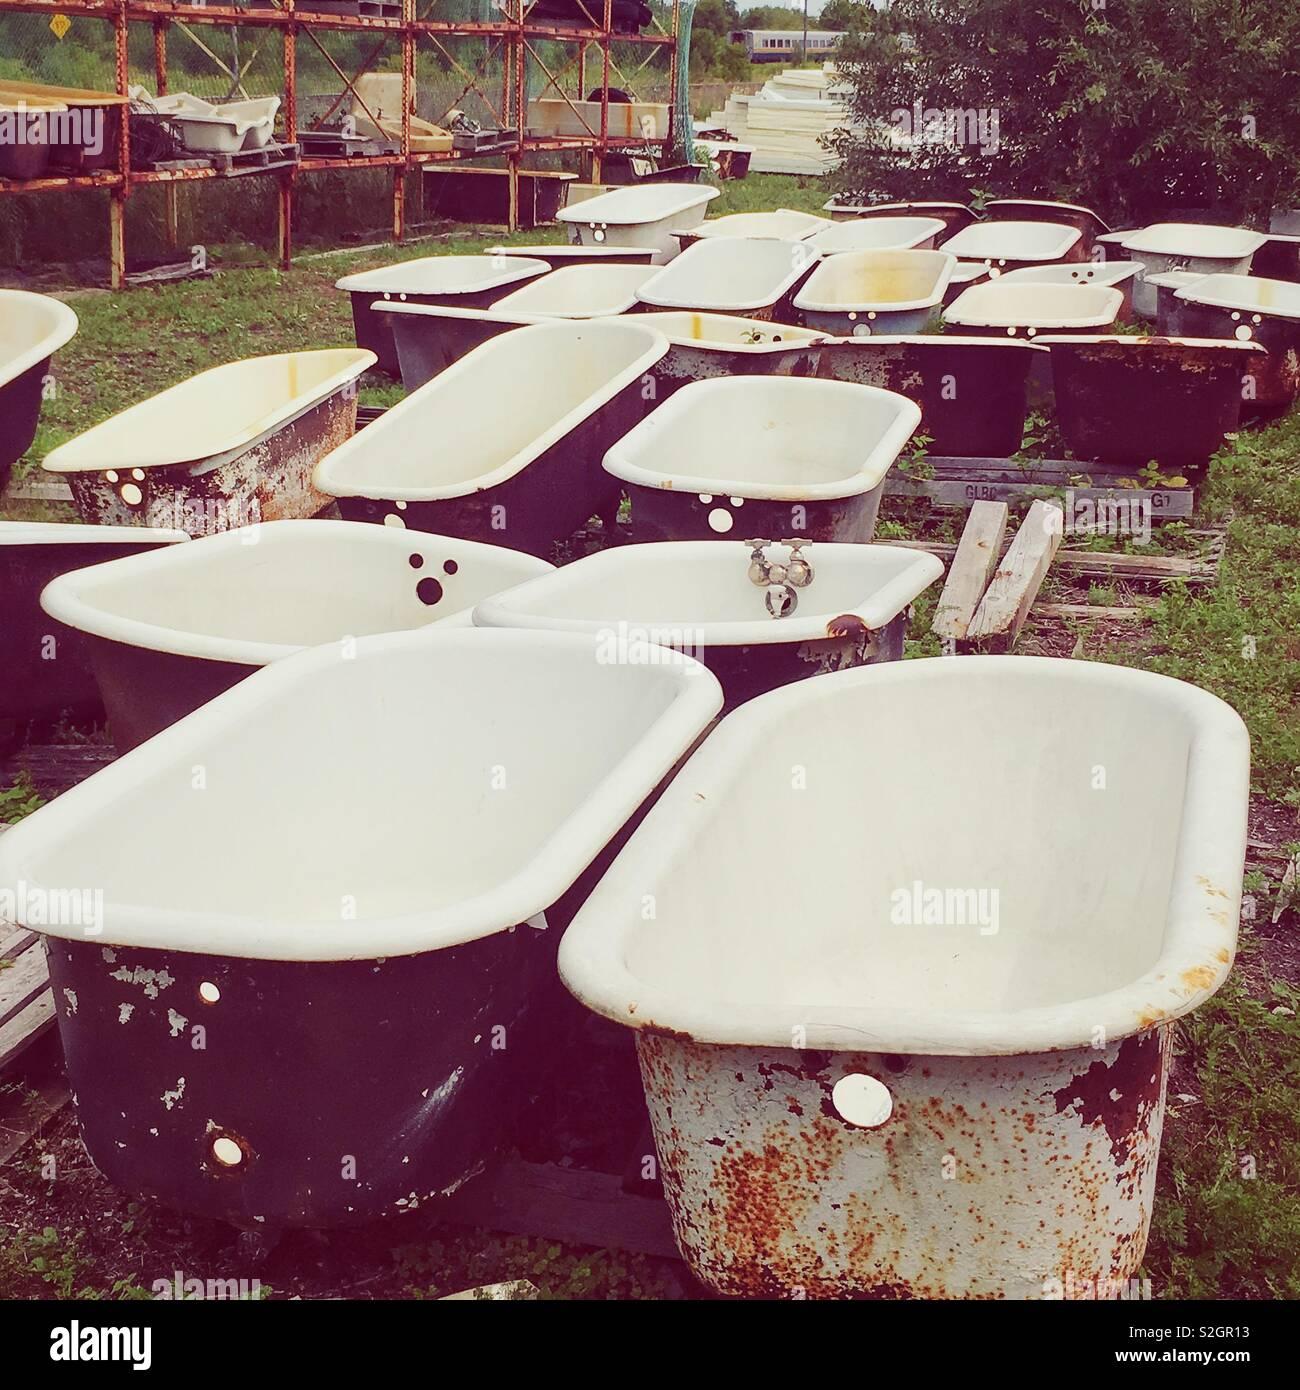 Badewanne ruhenden Boden, Gruppierung der vintage Badewannen Lagerung im Freien in einem Feld. Stockfoto